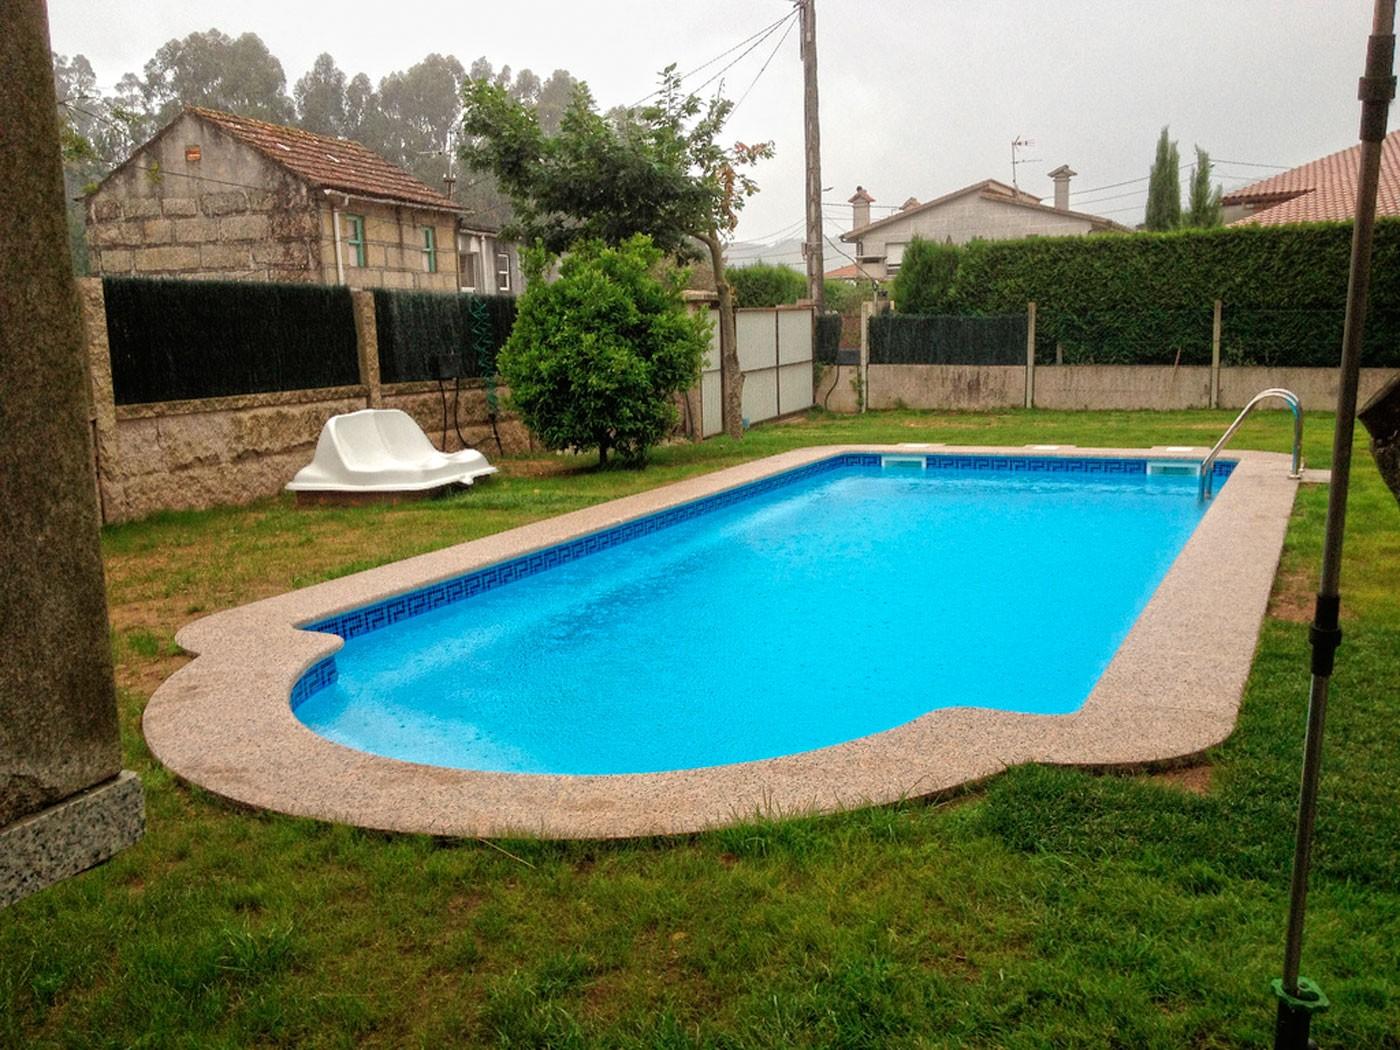 Precio piscinas poliester excellent minipiscina corazn for Precio piscinas poliester baratas